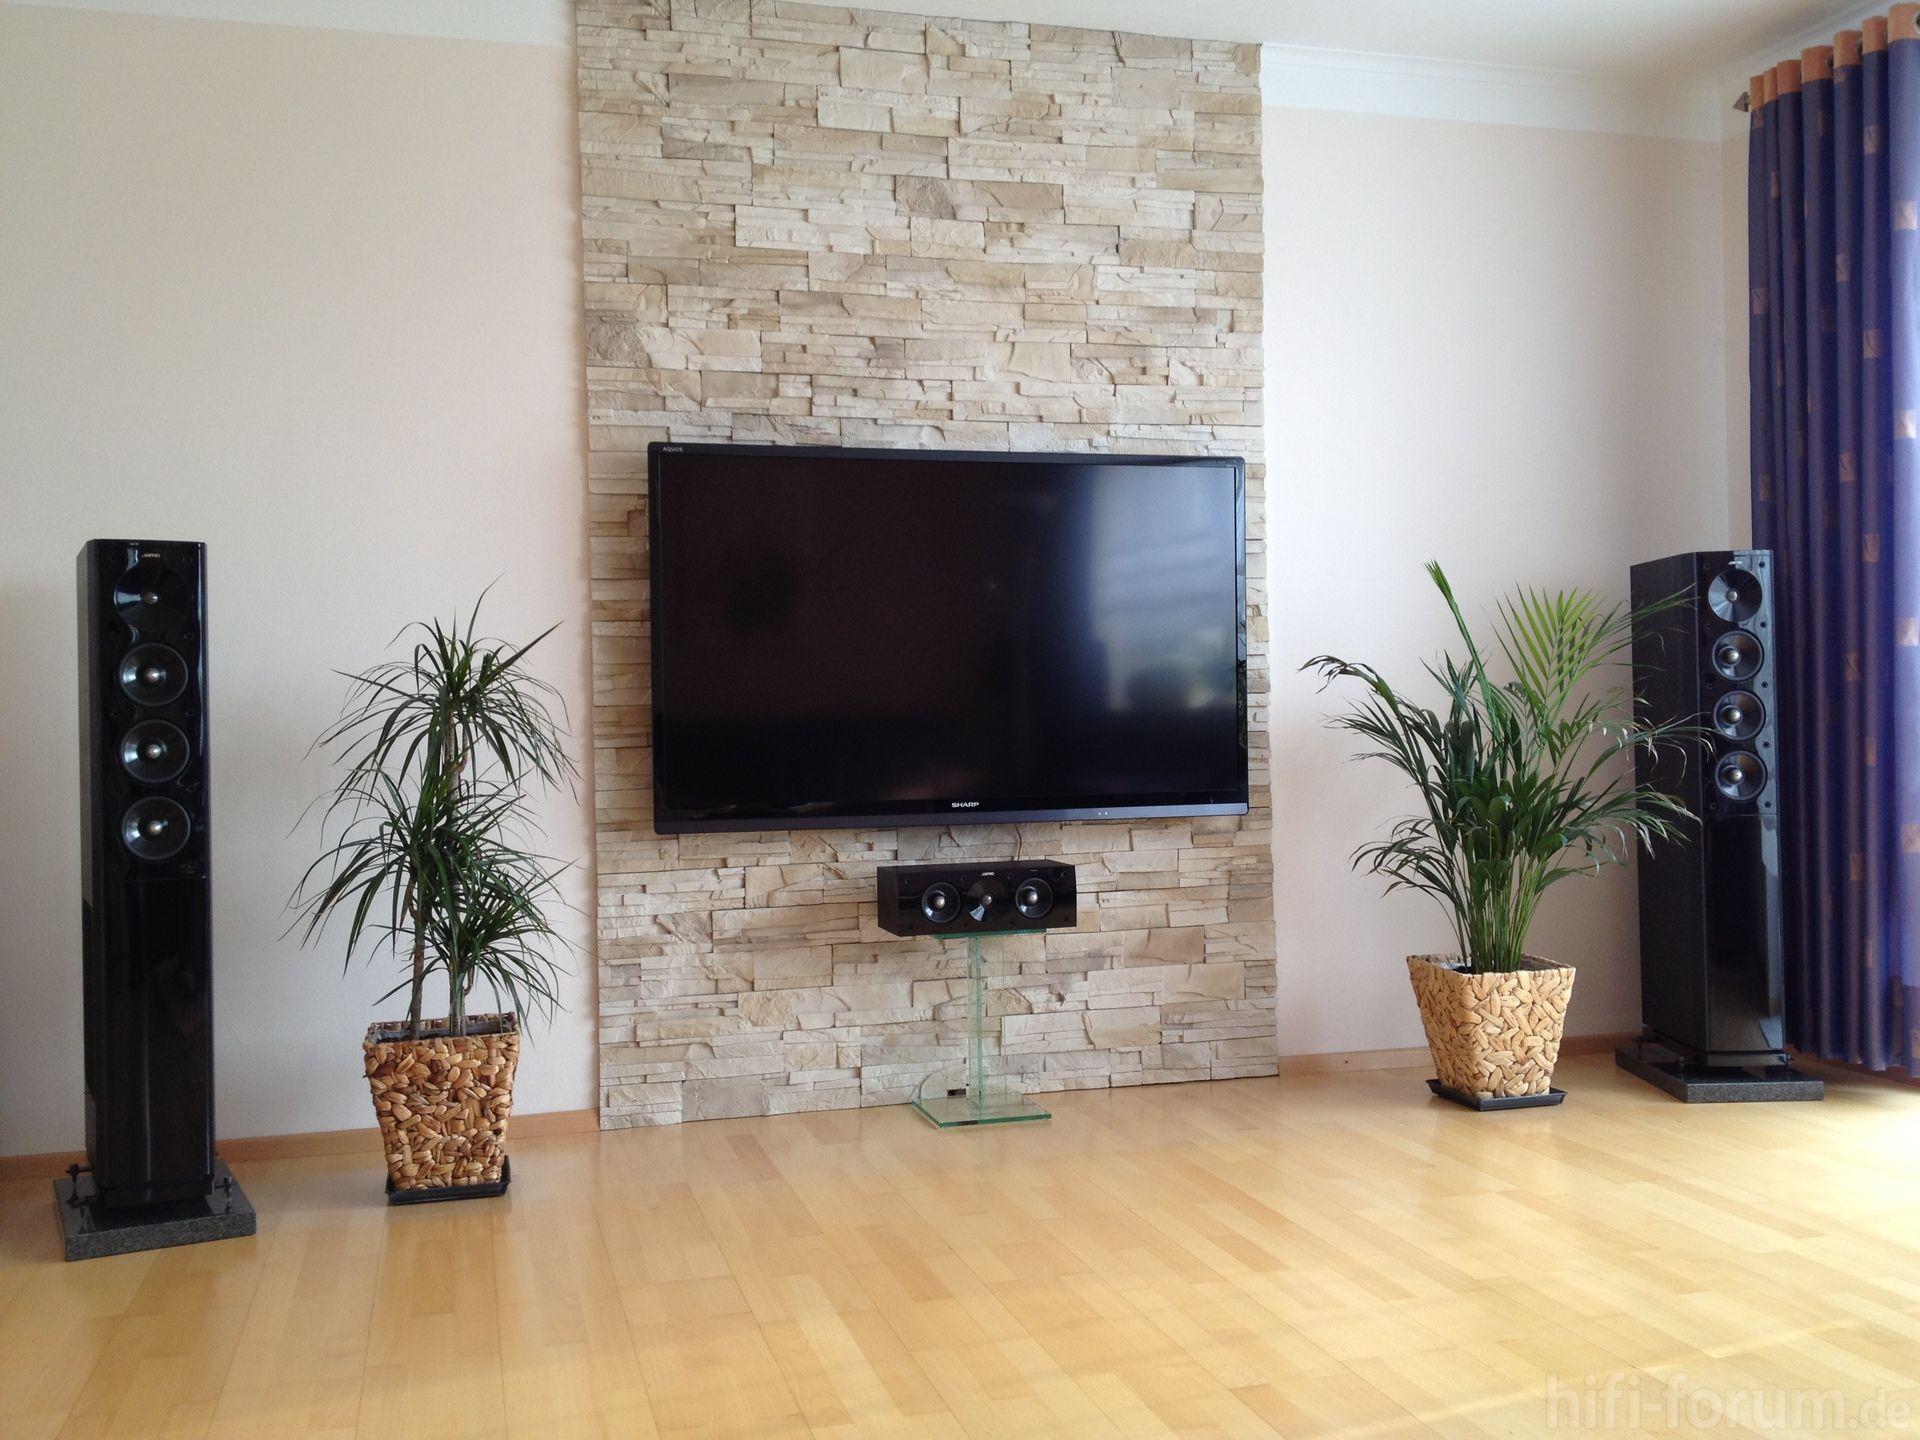 tolles wohnzimmer mit frensaher grau abzukühlen images der bfbedafdb